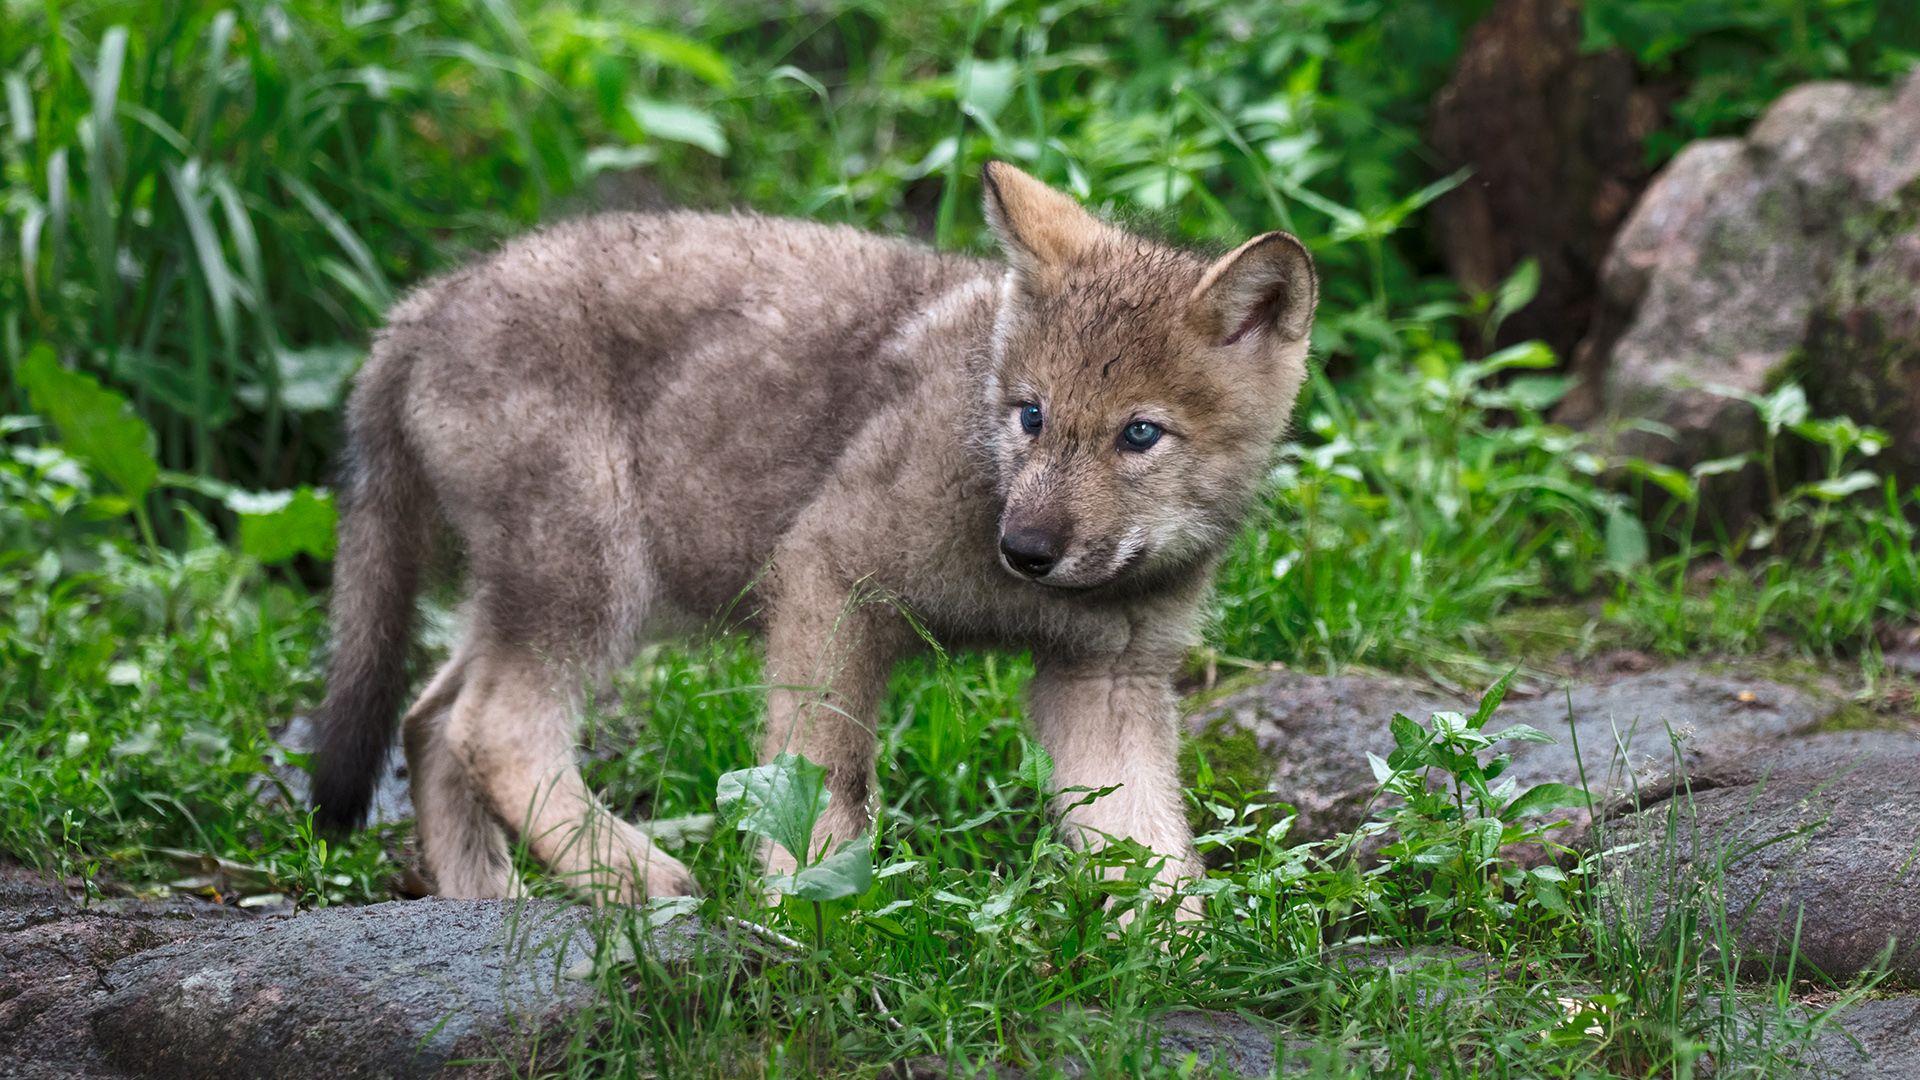 Farkaskölyök sétált az erdész kamerája elé a Bükkben